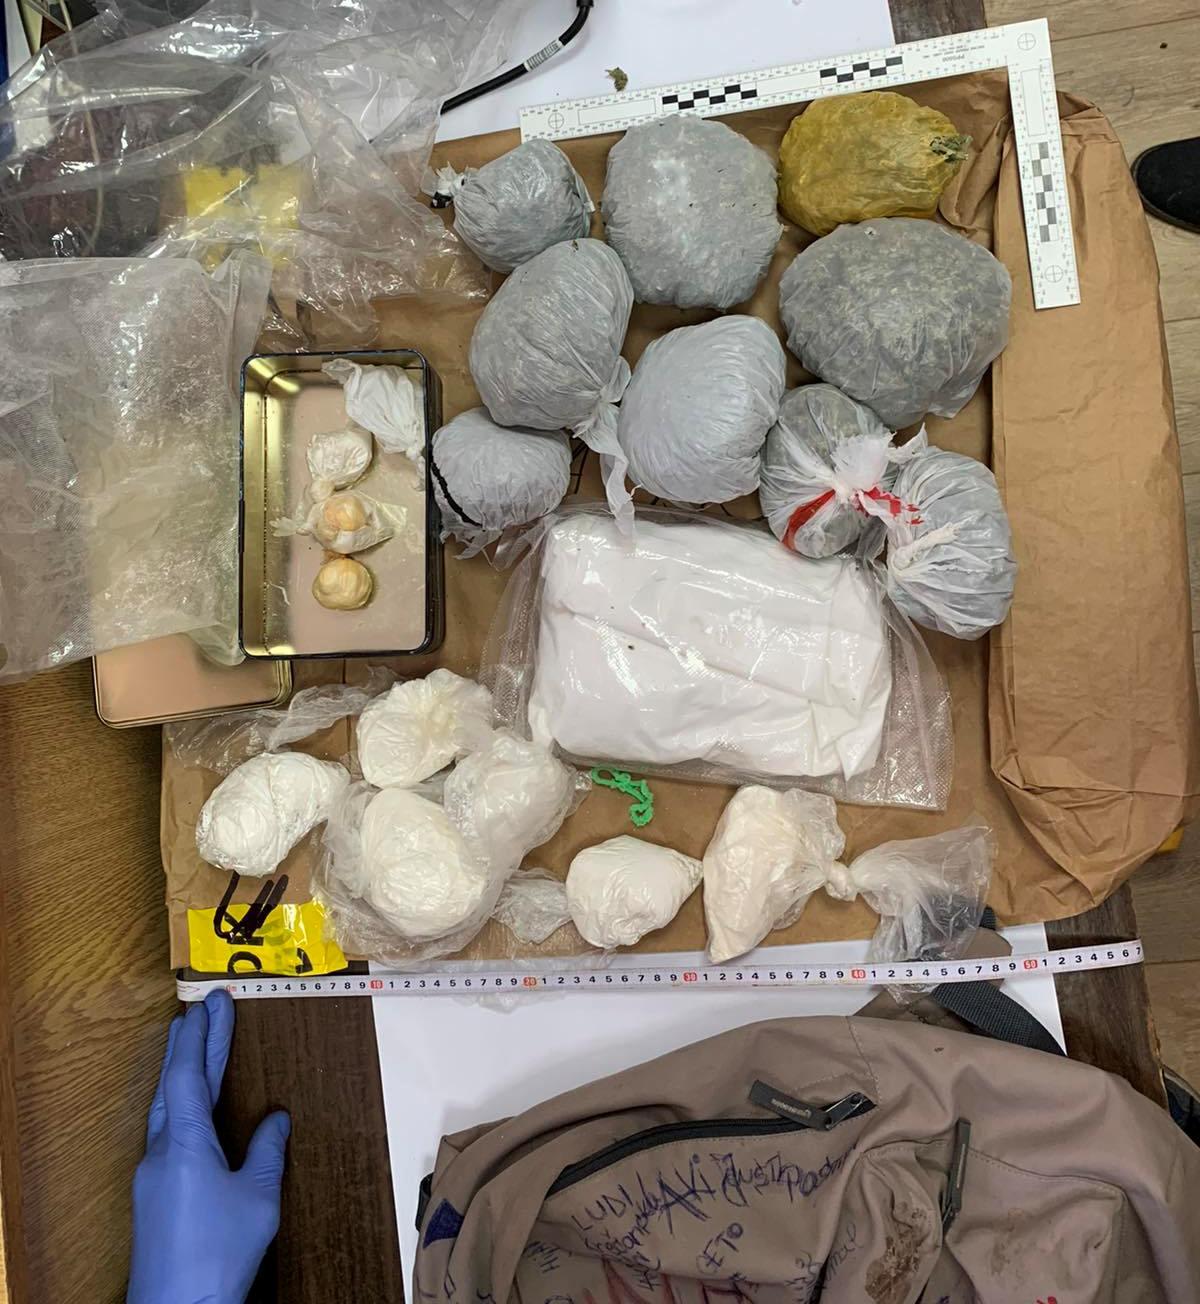 Uprava policije/SKP – Pronađena opojna droga, 2 lica lišena slobode